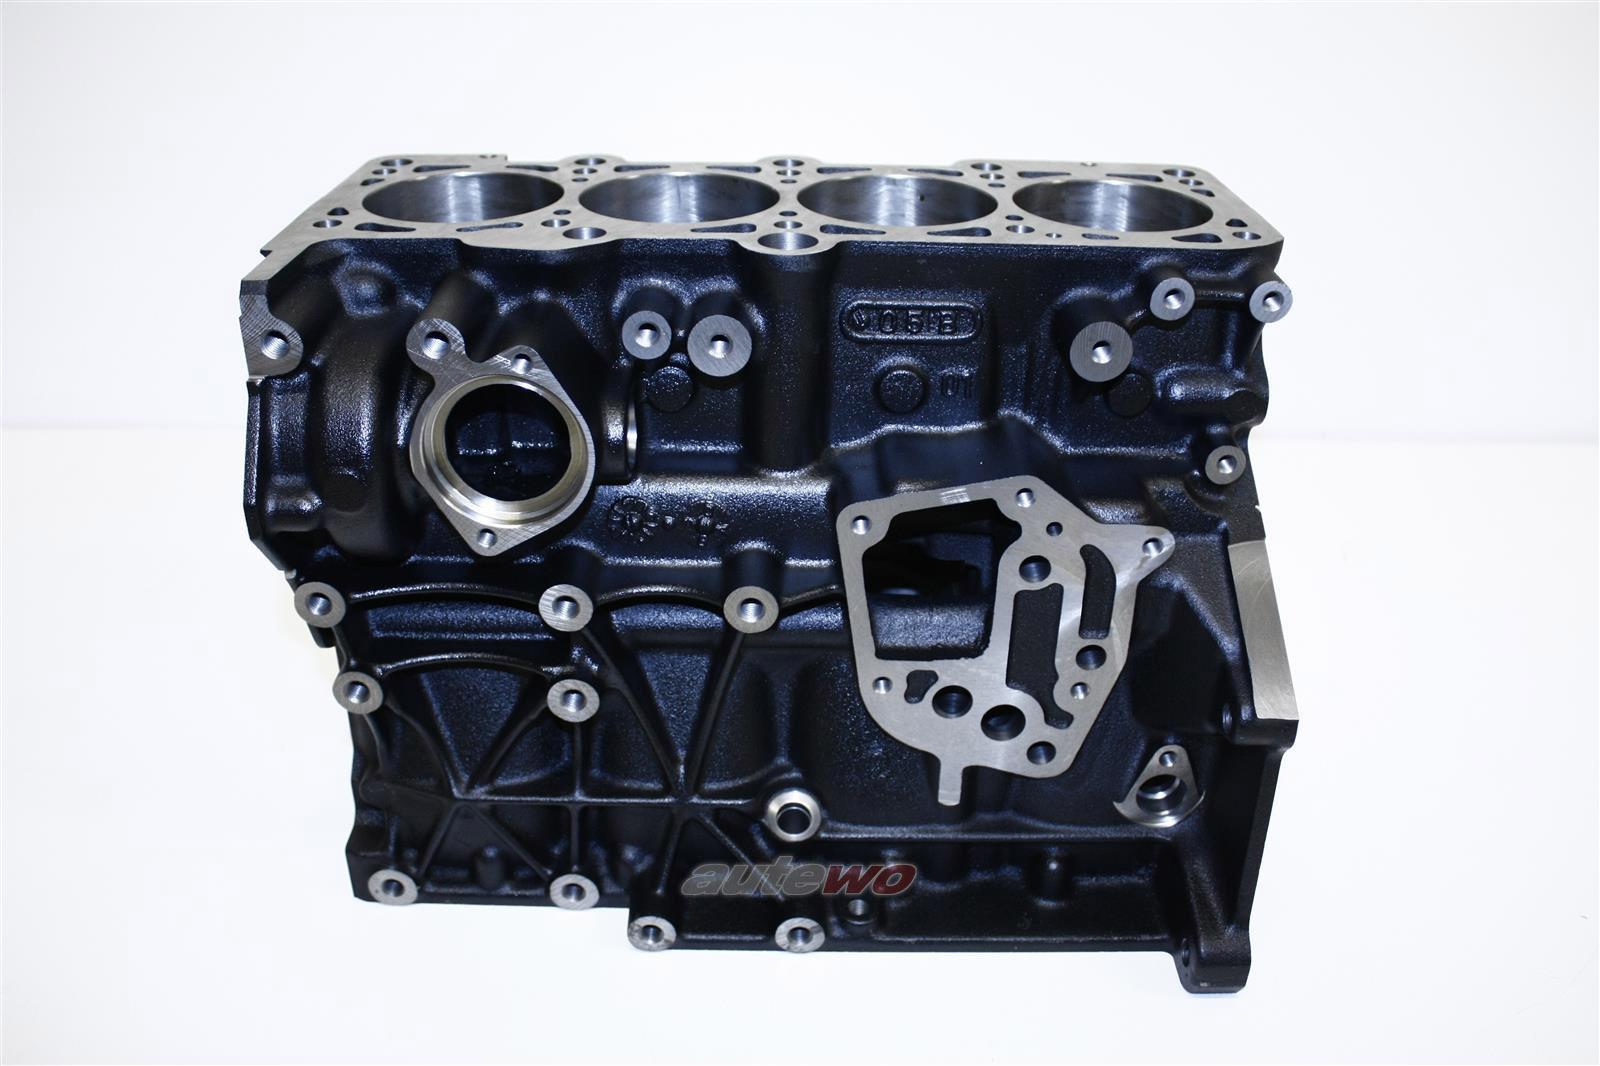 06A103101 NEU Audi/VW/SKODA A3 8L/Oktavia 1.8l 4 Zyl. Zylinderblock 81mm